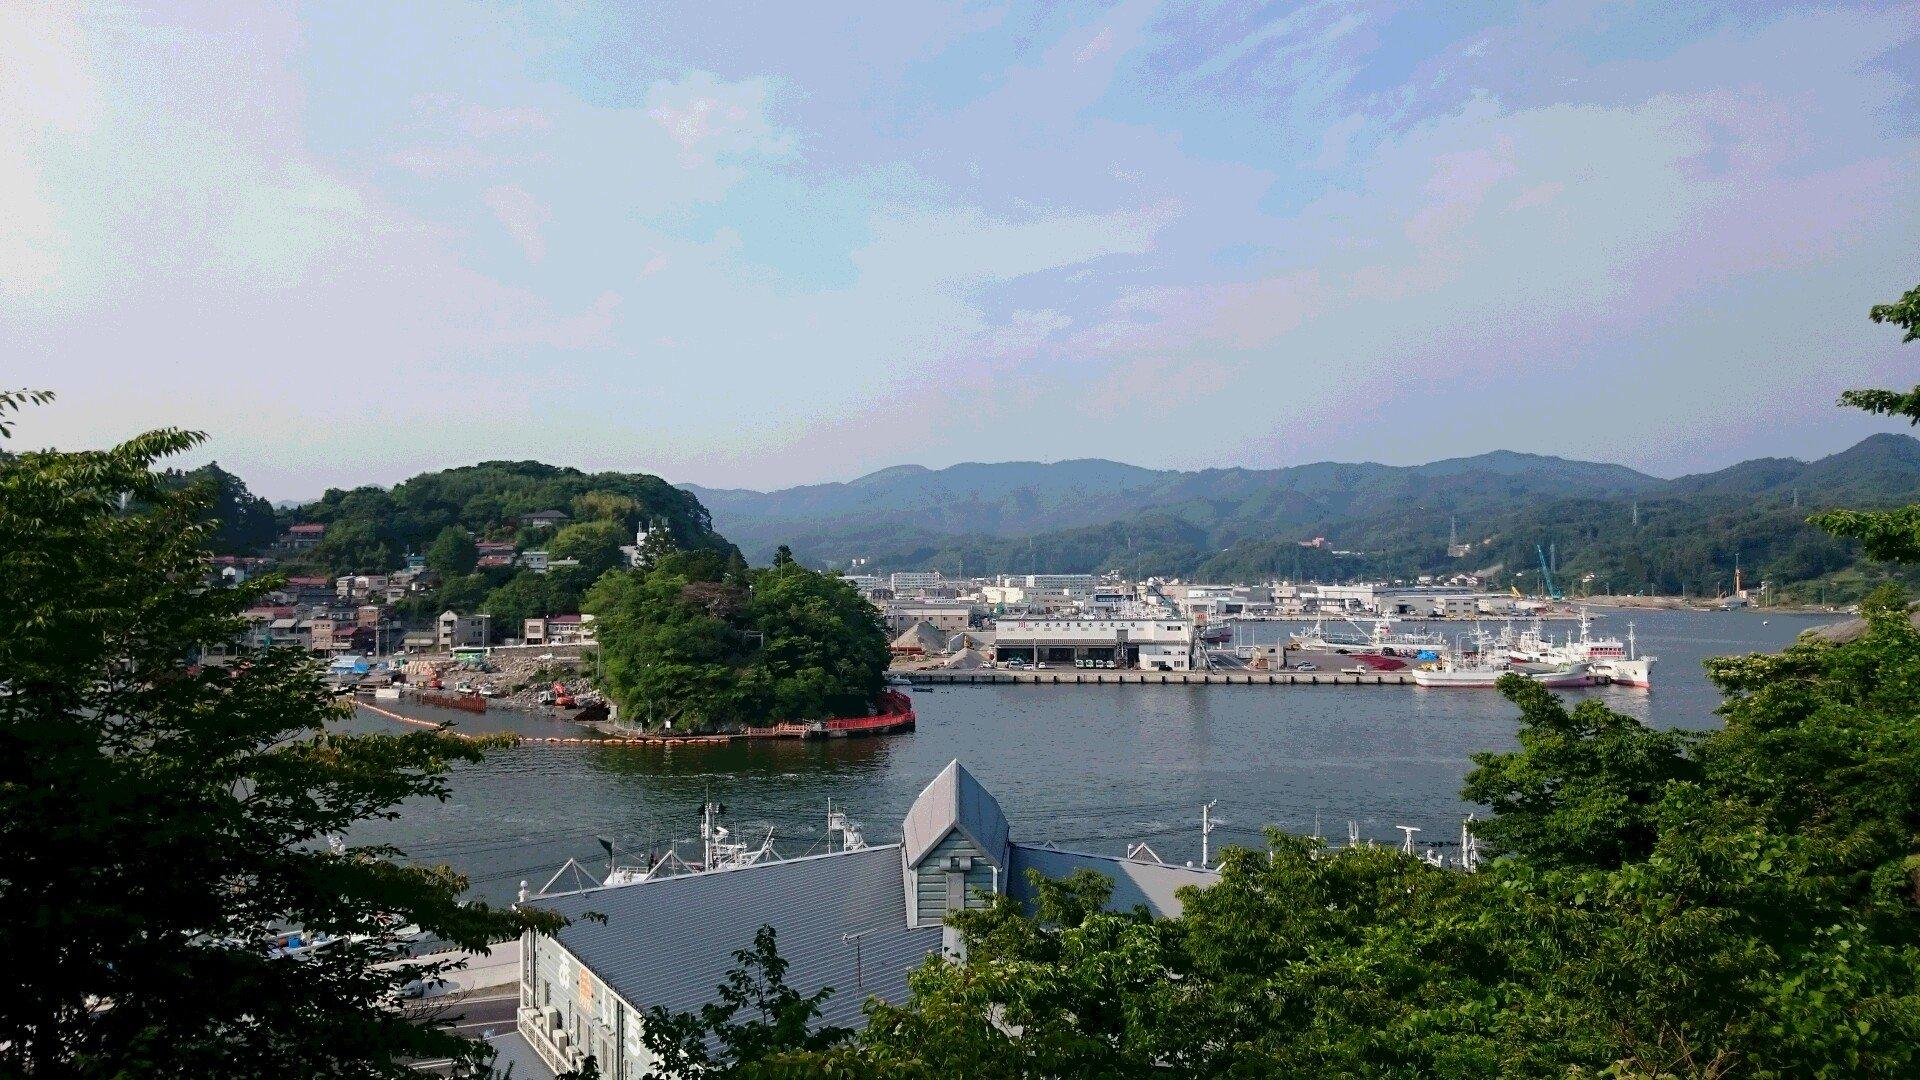 日本人の知らない「気仙沼」の現在…街壊滅から6年、奇跡の復活の物語